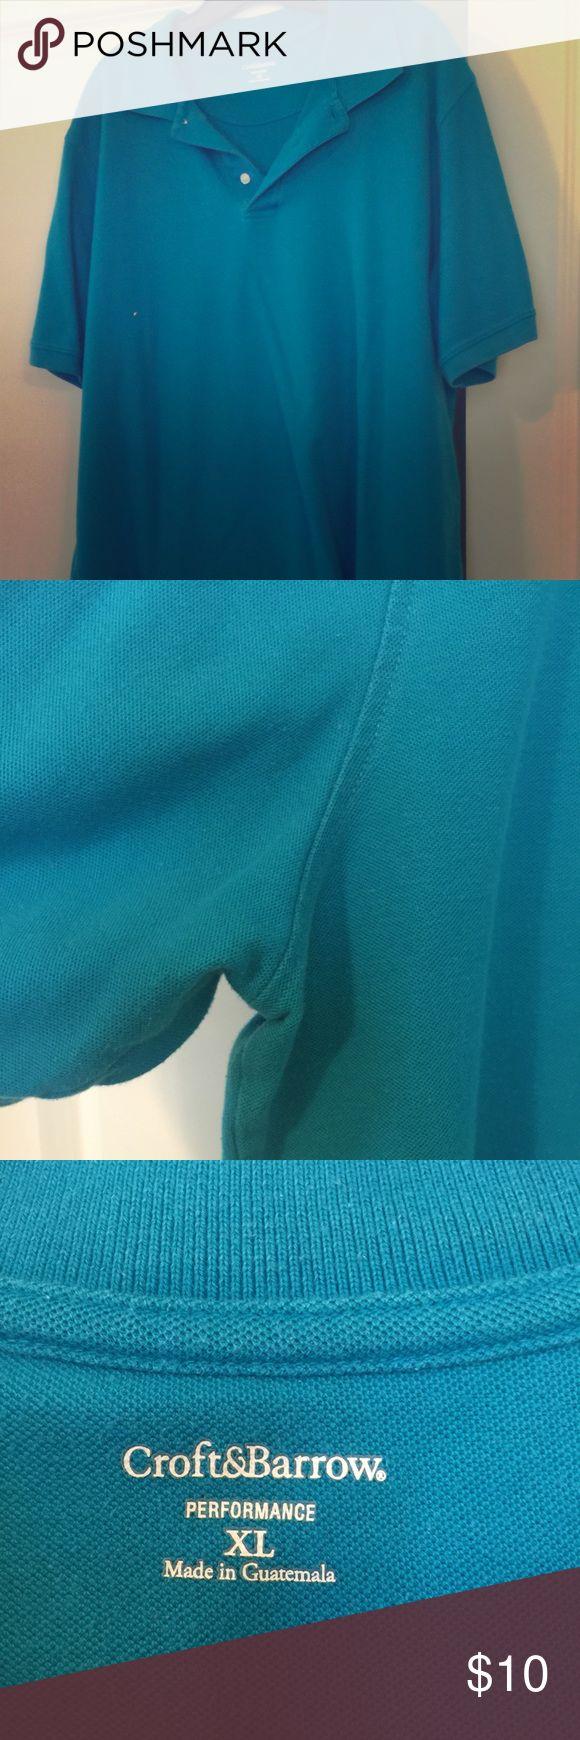 Men's | Teal Cotton Polo All Men's Polo Shirts - 2 for $15! 100% cotton polo shirt. No holes or stains. Shirts Polos